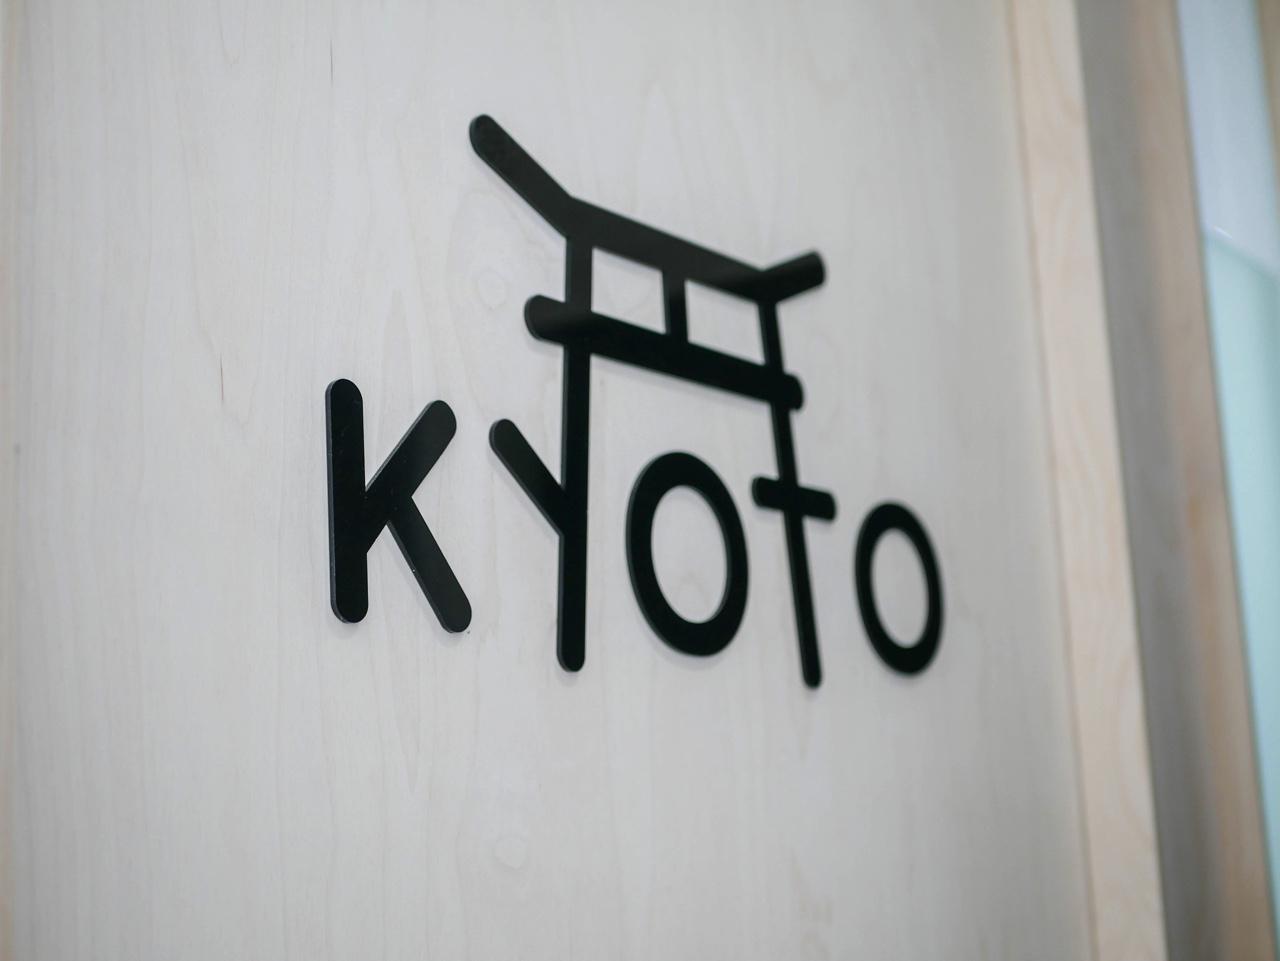 会議室KYOTOのロゴ